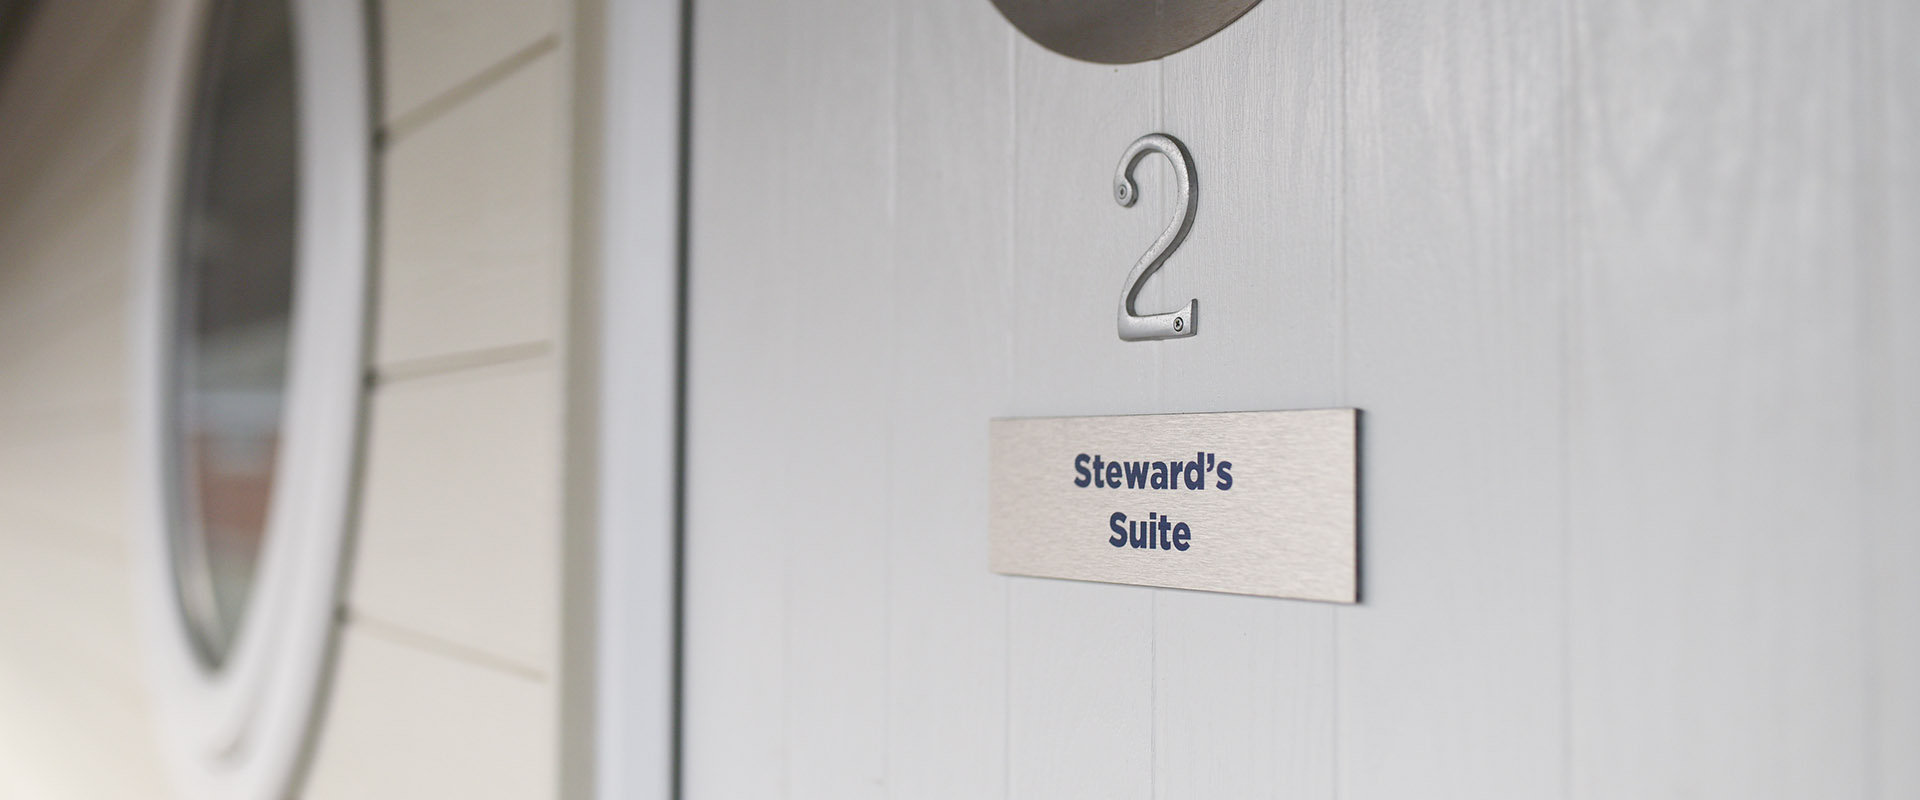 2 – Steward's Suite